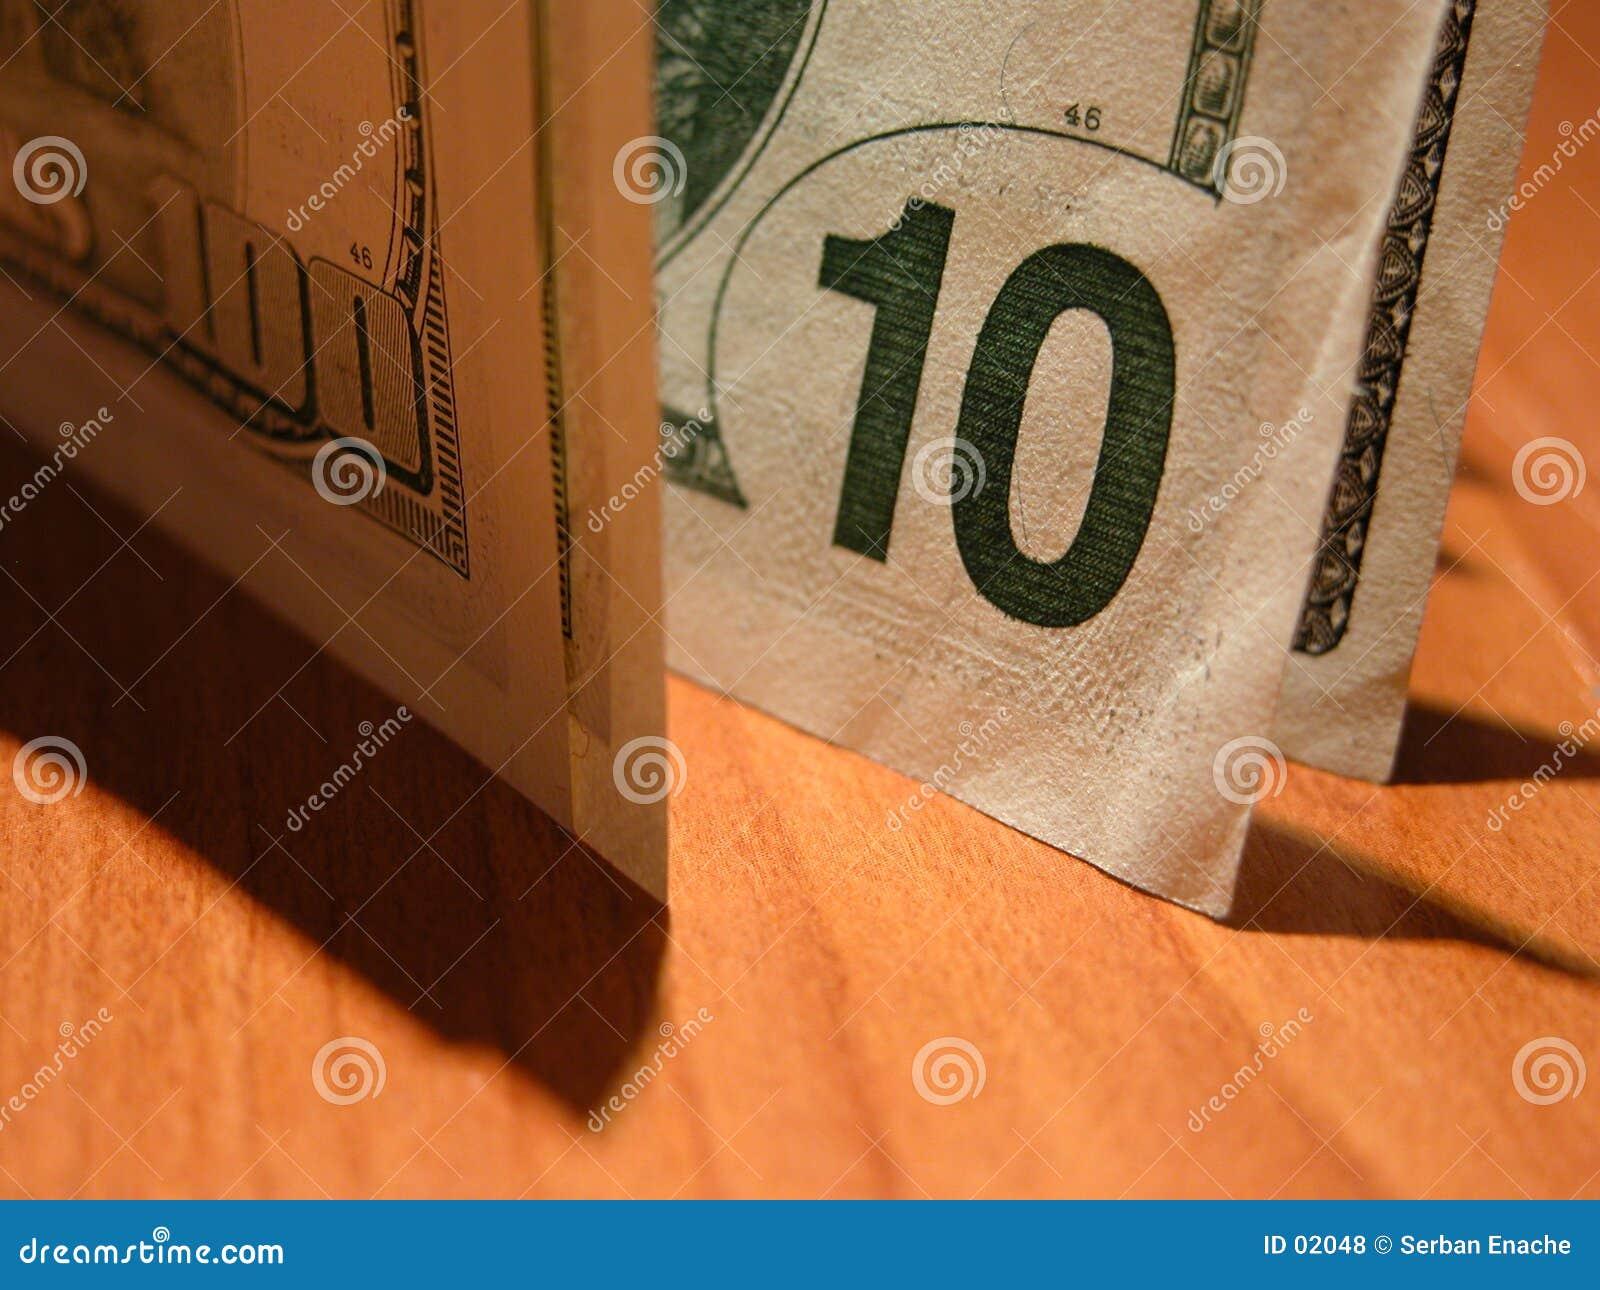 100 δολάρια λογαριασμών σκιάζουν δέκα